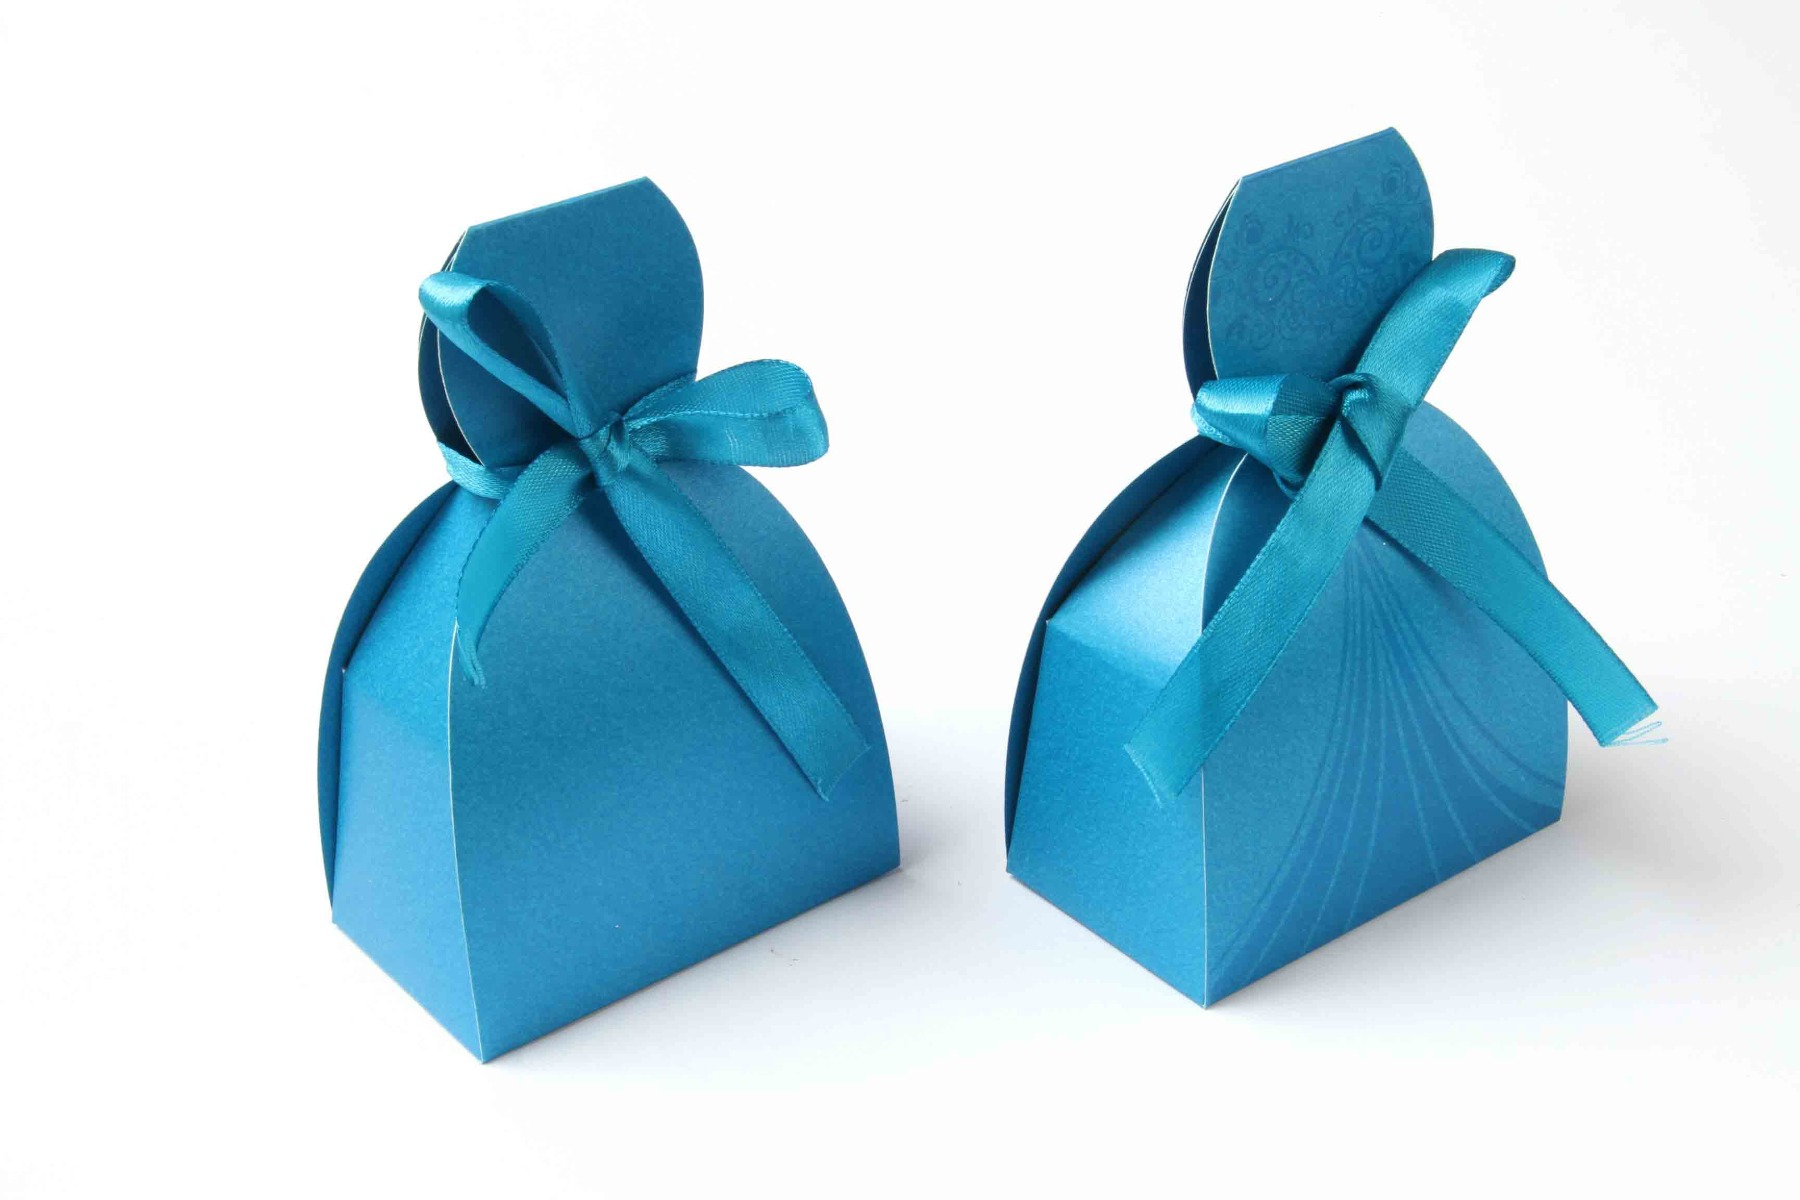 Bridal Dress Favor Box No 7 - Firoze Blue-8602